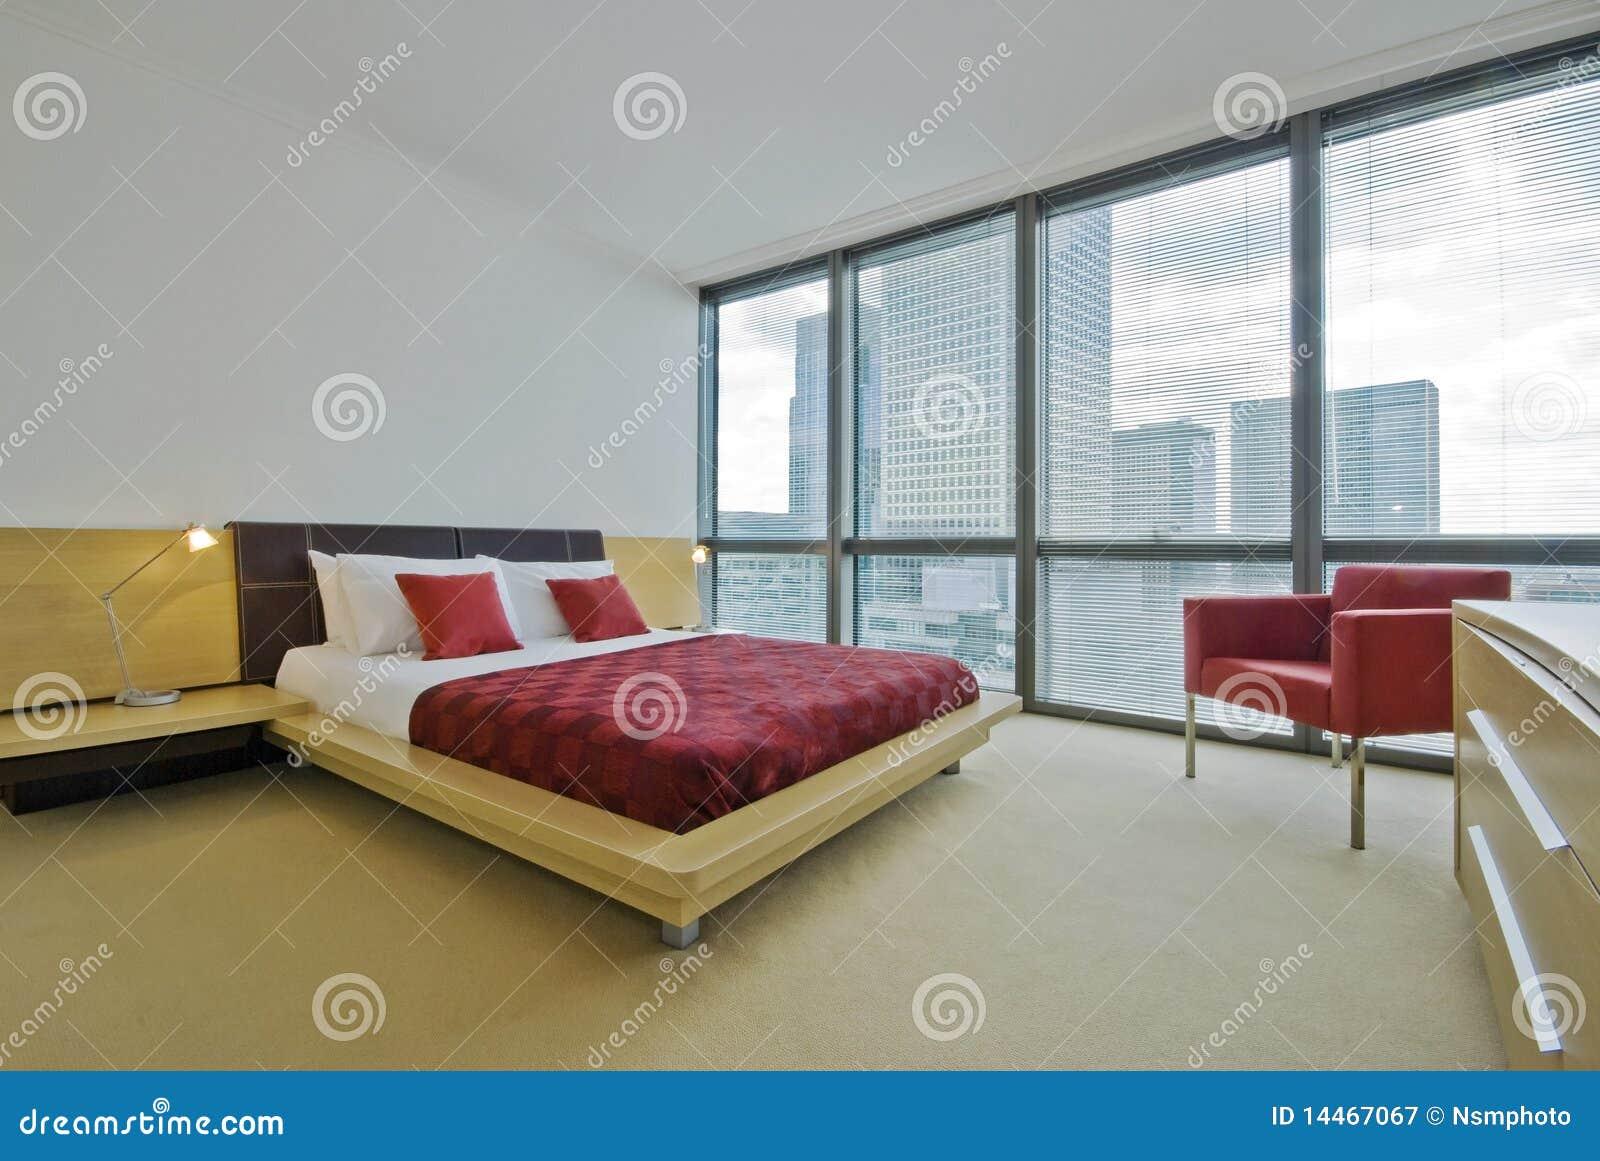 Double chambre coucher moderne de luxe photographie for Chambre de coucher moderne